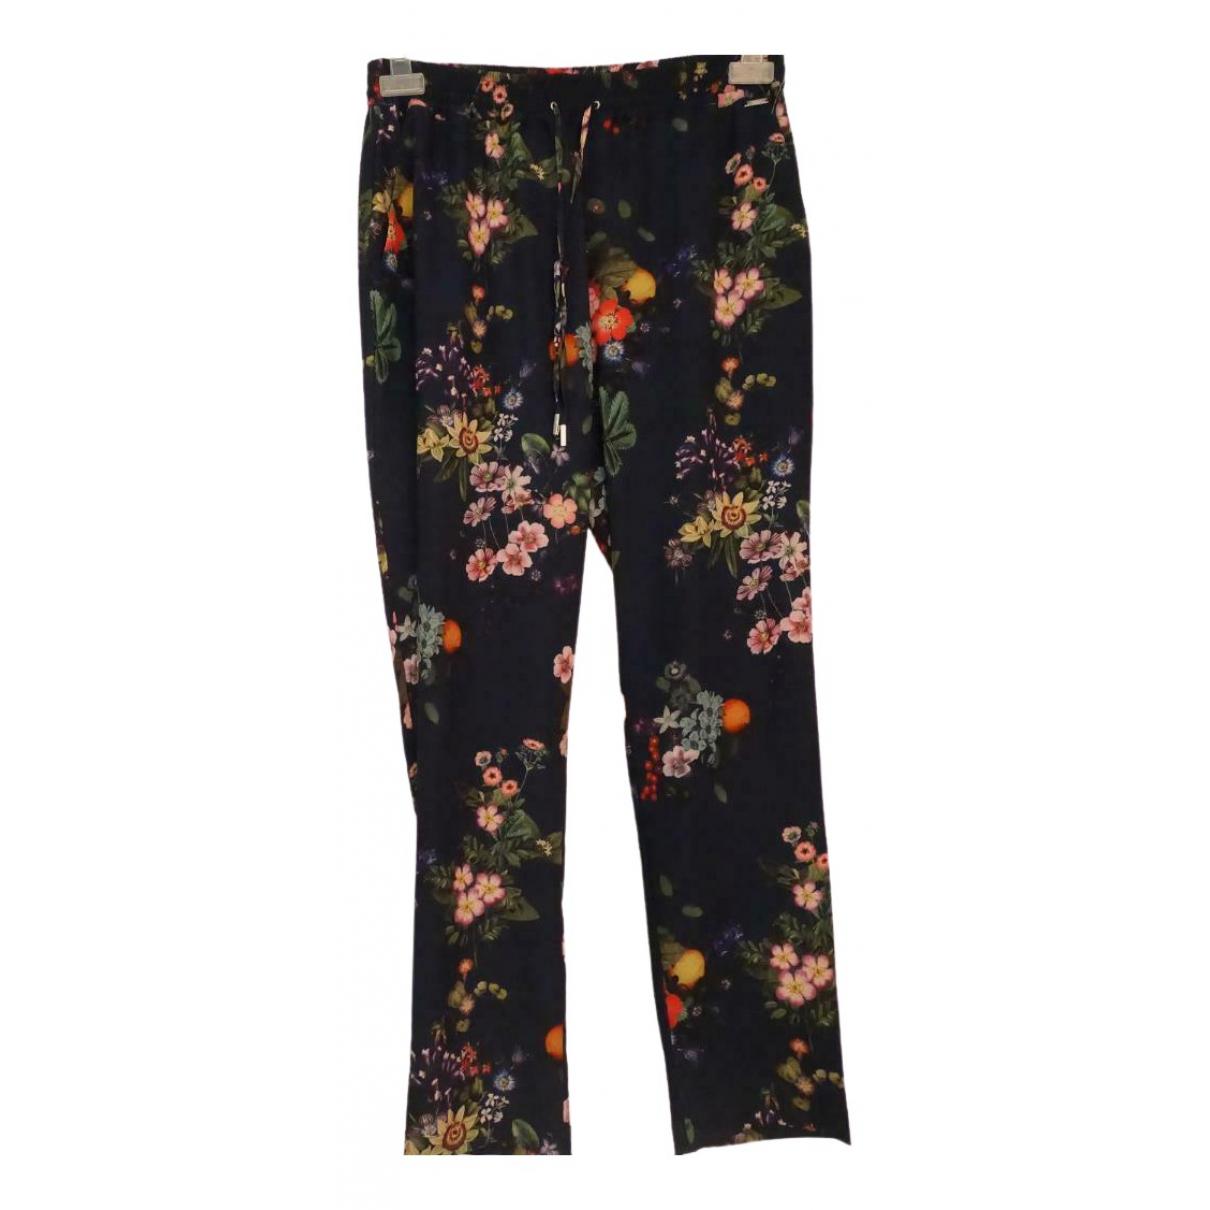 Pantalon en Sintetico Multicolor Liu.jo